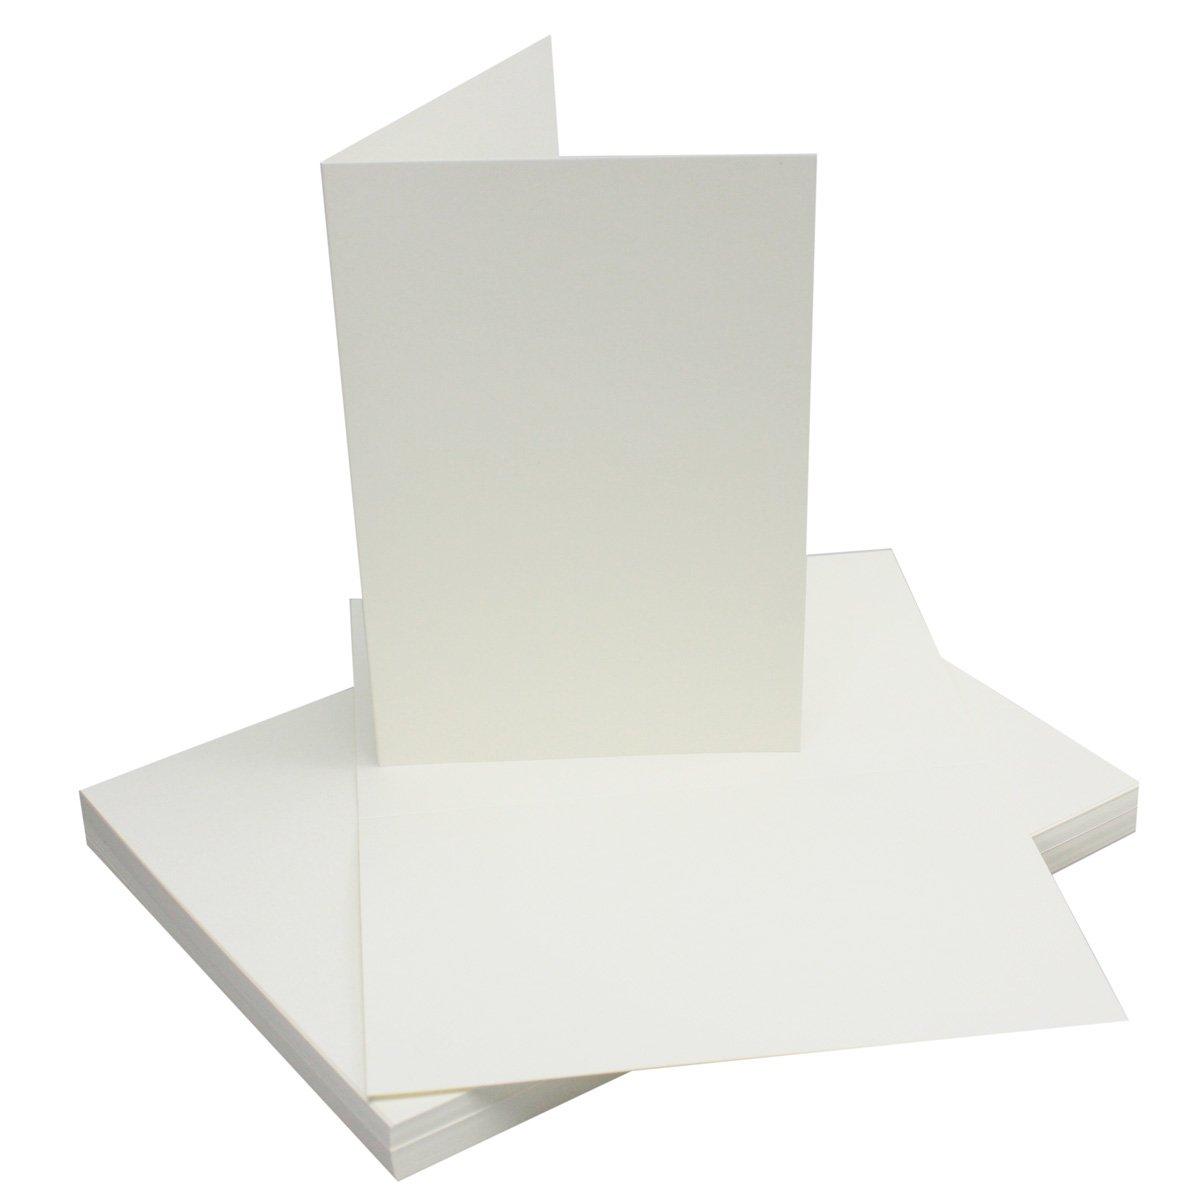 250x Falt-Karten DIN A6 Blanko Doppel-Karten in Hochweiß Kristallweiß -10,5 -10,5 -10,5 x 14,8 cm   Premium Qualität   FarbenFroh® B078W73N9H | Outlet Online  c0ea3f